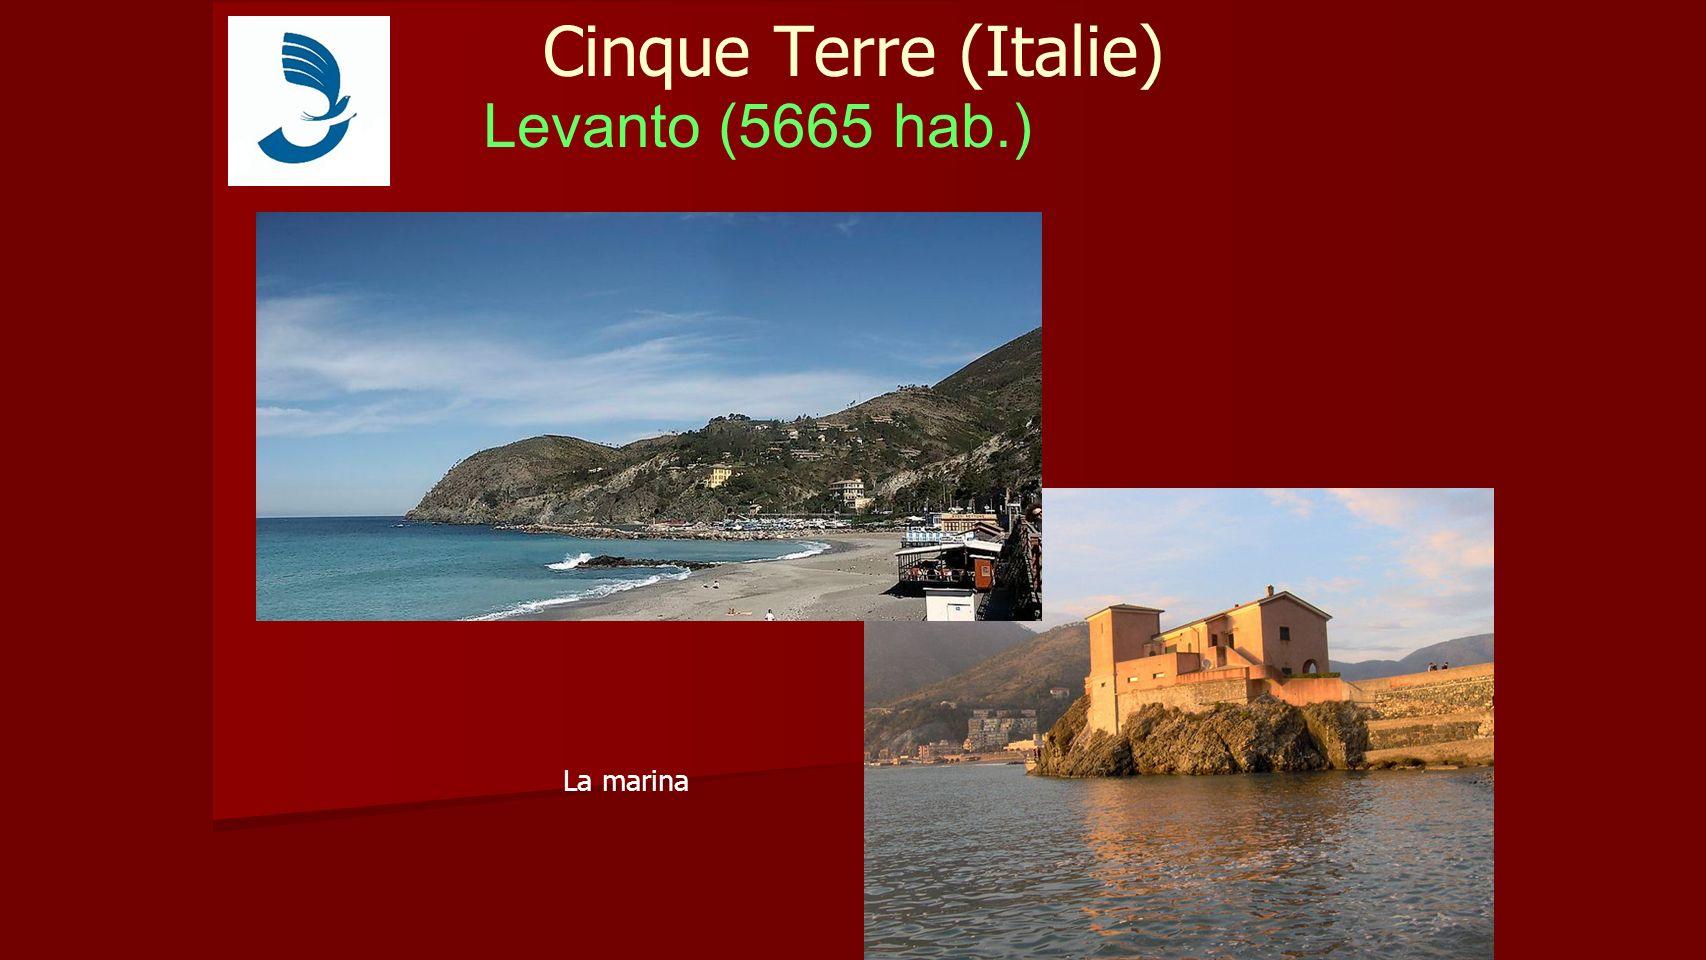 Cinque Terre (Italie) Levanto (5665 hab.) La marina